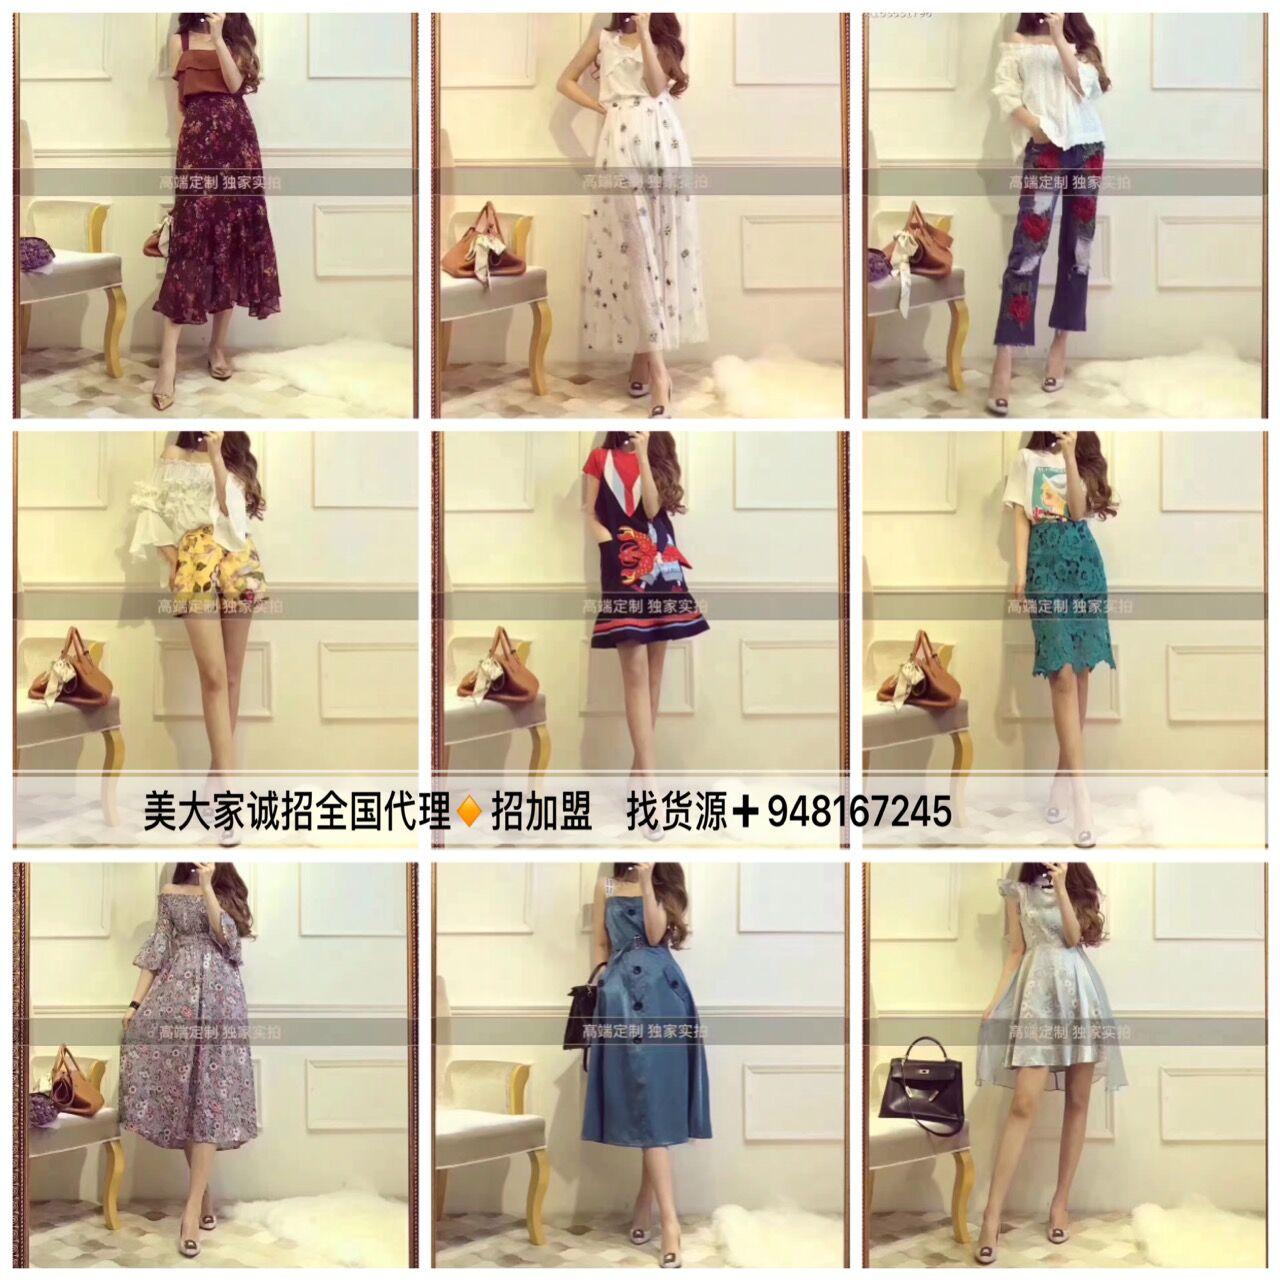 这是第3张女装欧美日韩泰国多种款式选择的货源图片